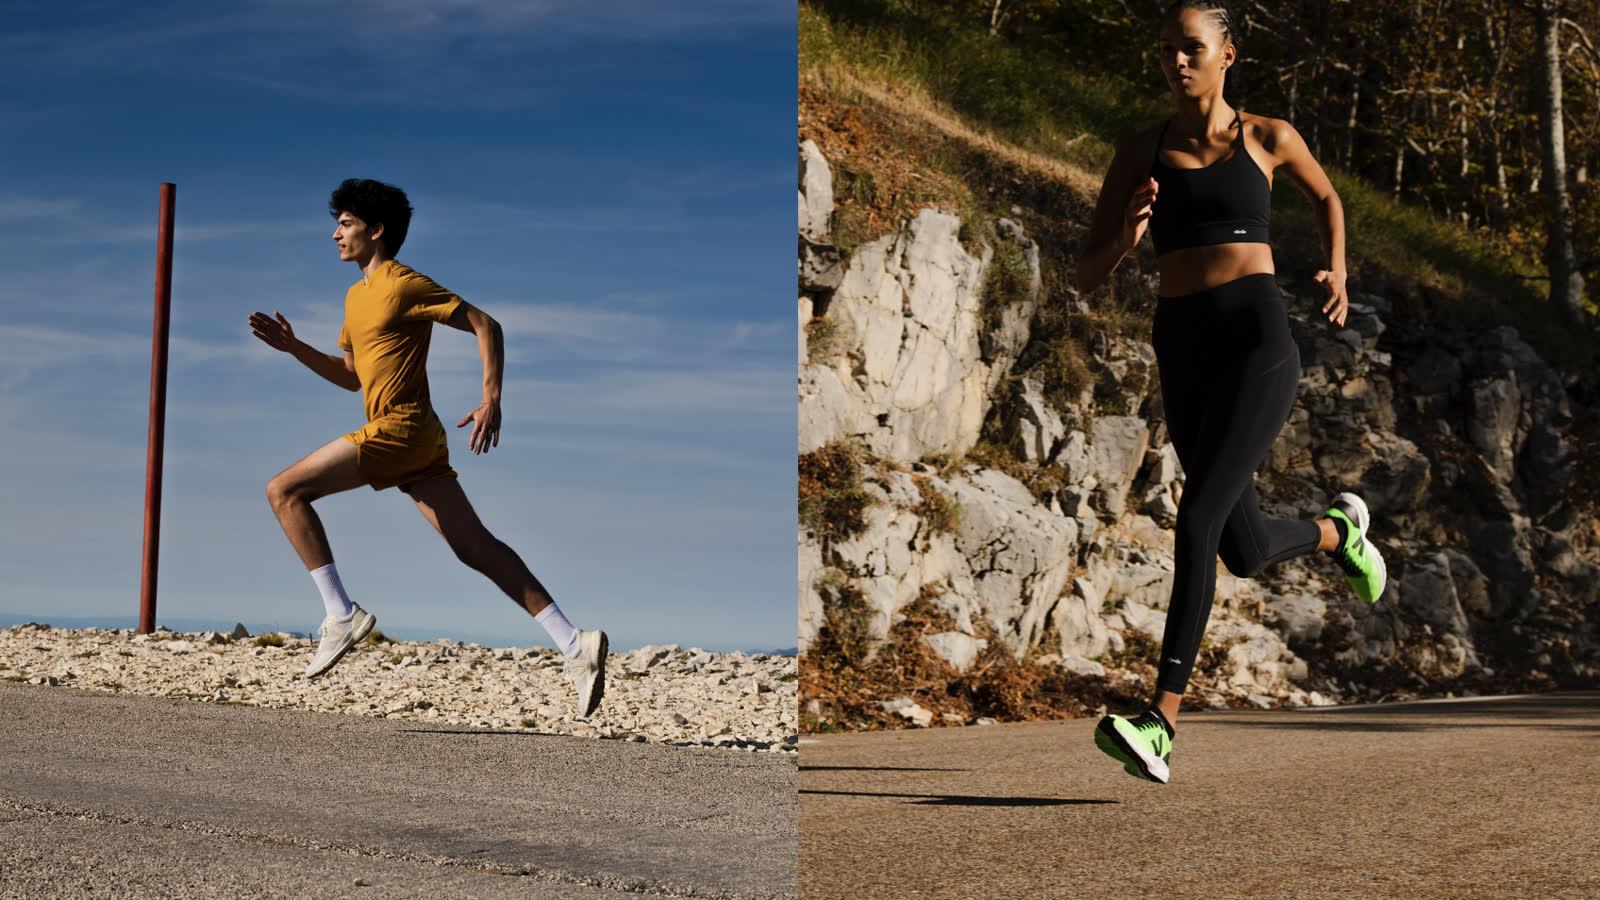 Unser Must-have der Woche: Diese nachhaltigen Laufschuhe von Veja werden unser nächstes Work-out revolutionieren